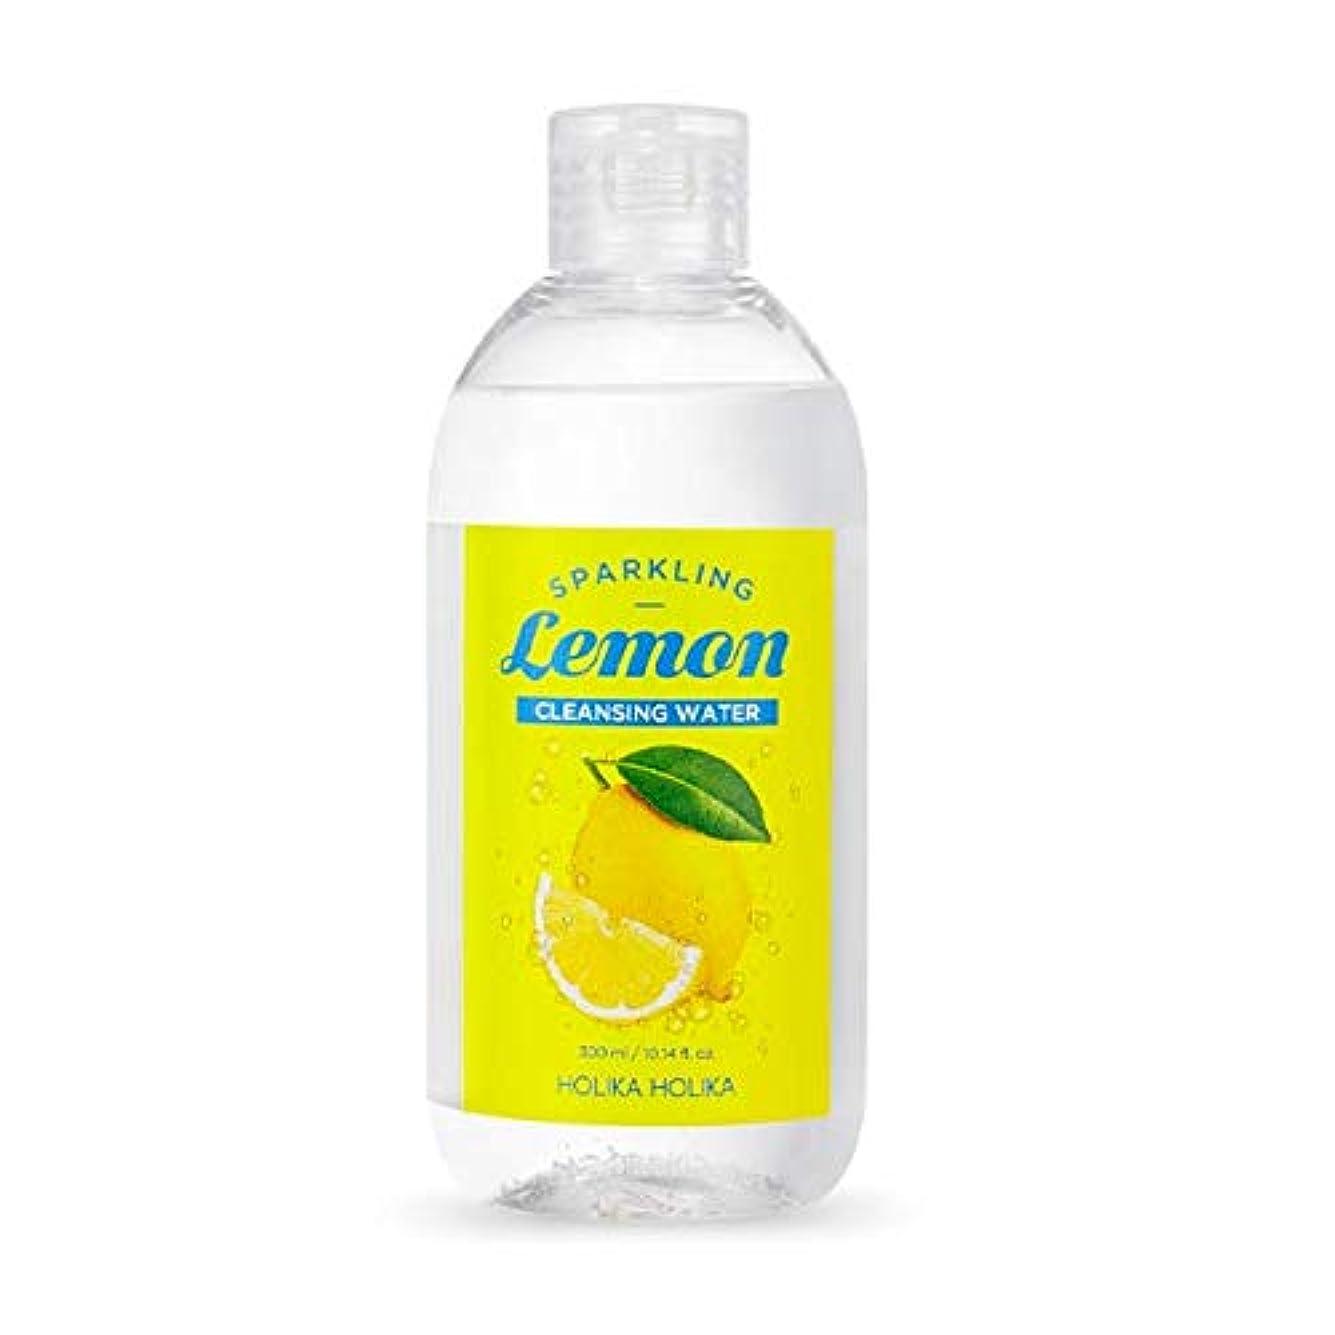 近似がんばり続ける予定ホリカホリカ 炭酸レモンクレンジングウォーター 300ml / Holika Holika Sparkling Lemon Cleansing Water 300ml [並行輸入品]